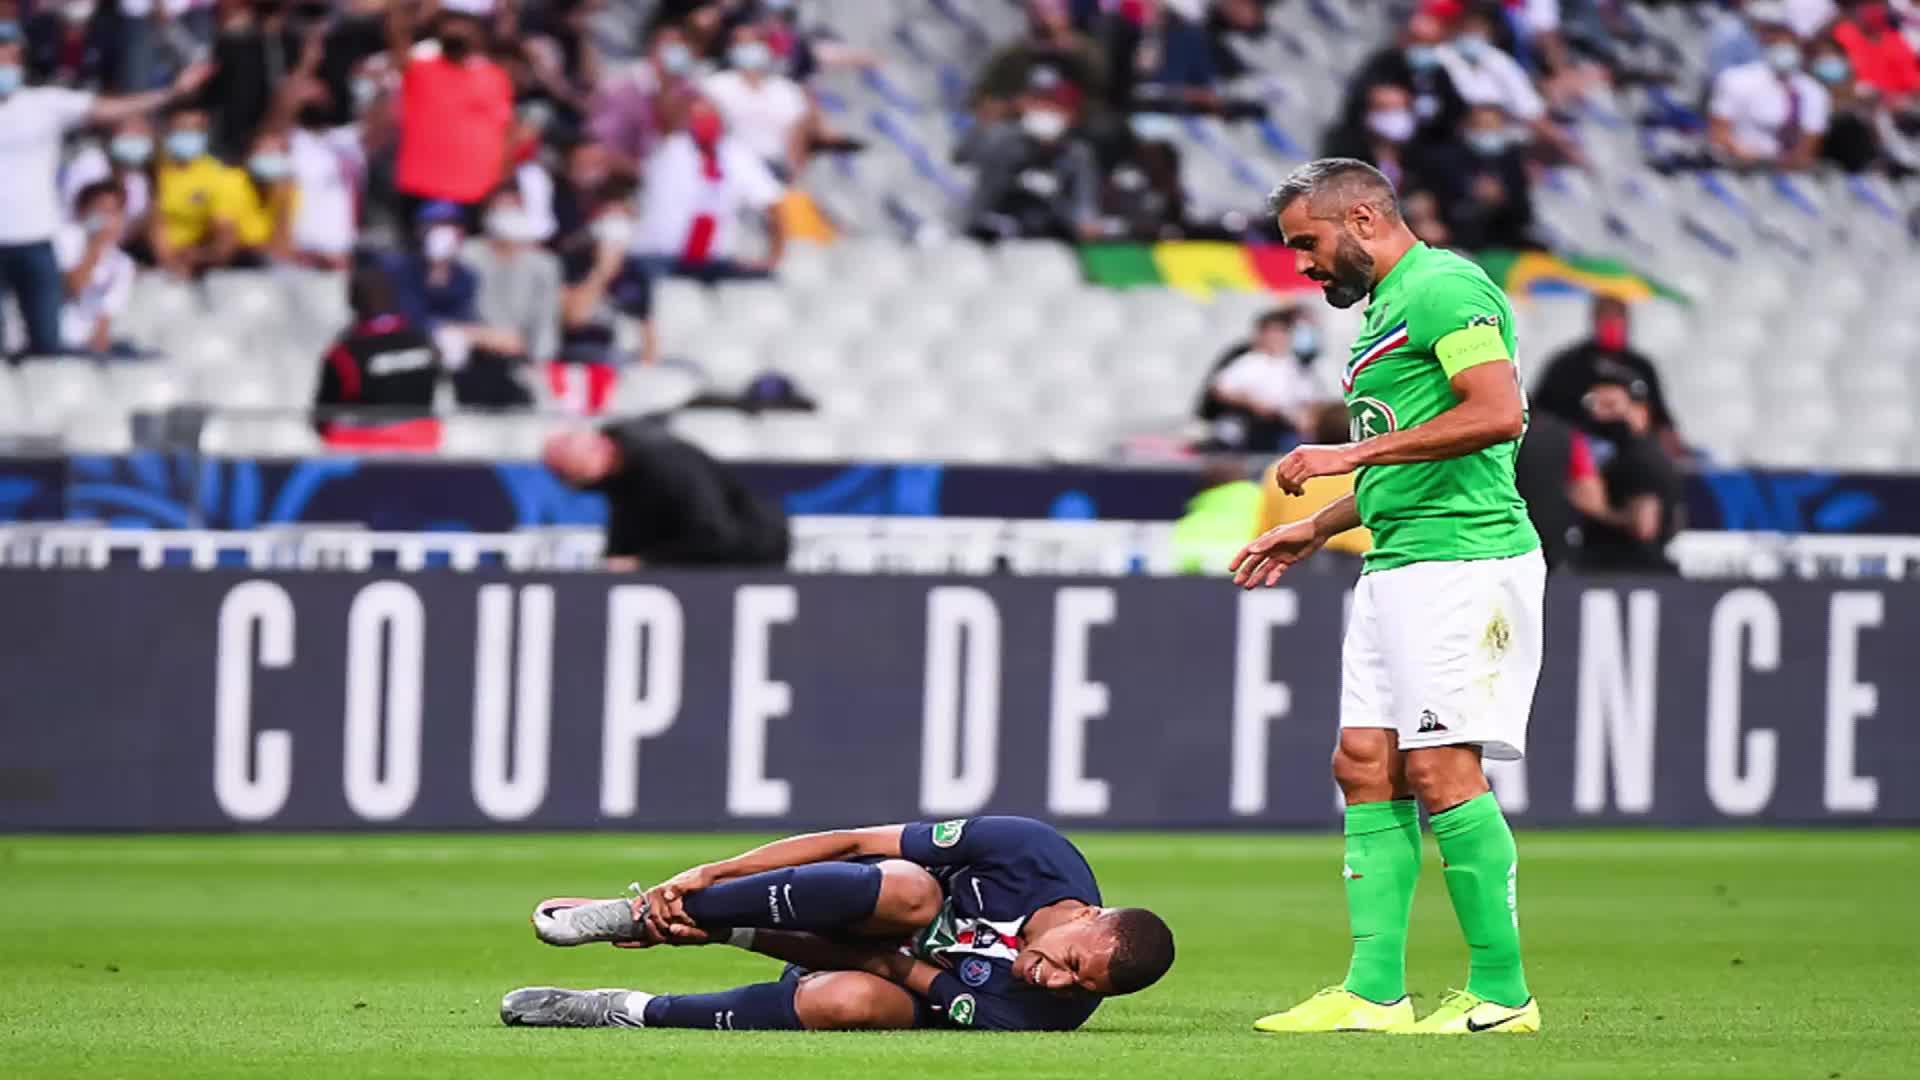 意外!姆巴佩右脚踝扭伤停3周 或缺席法国联赛杯决赛和欧冠